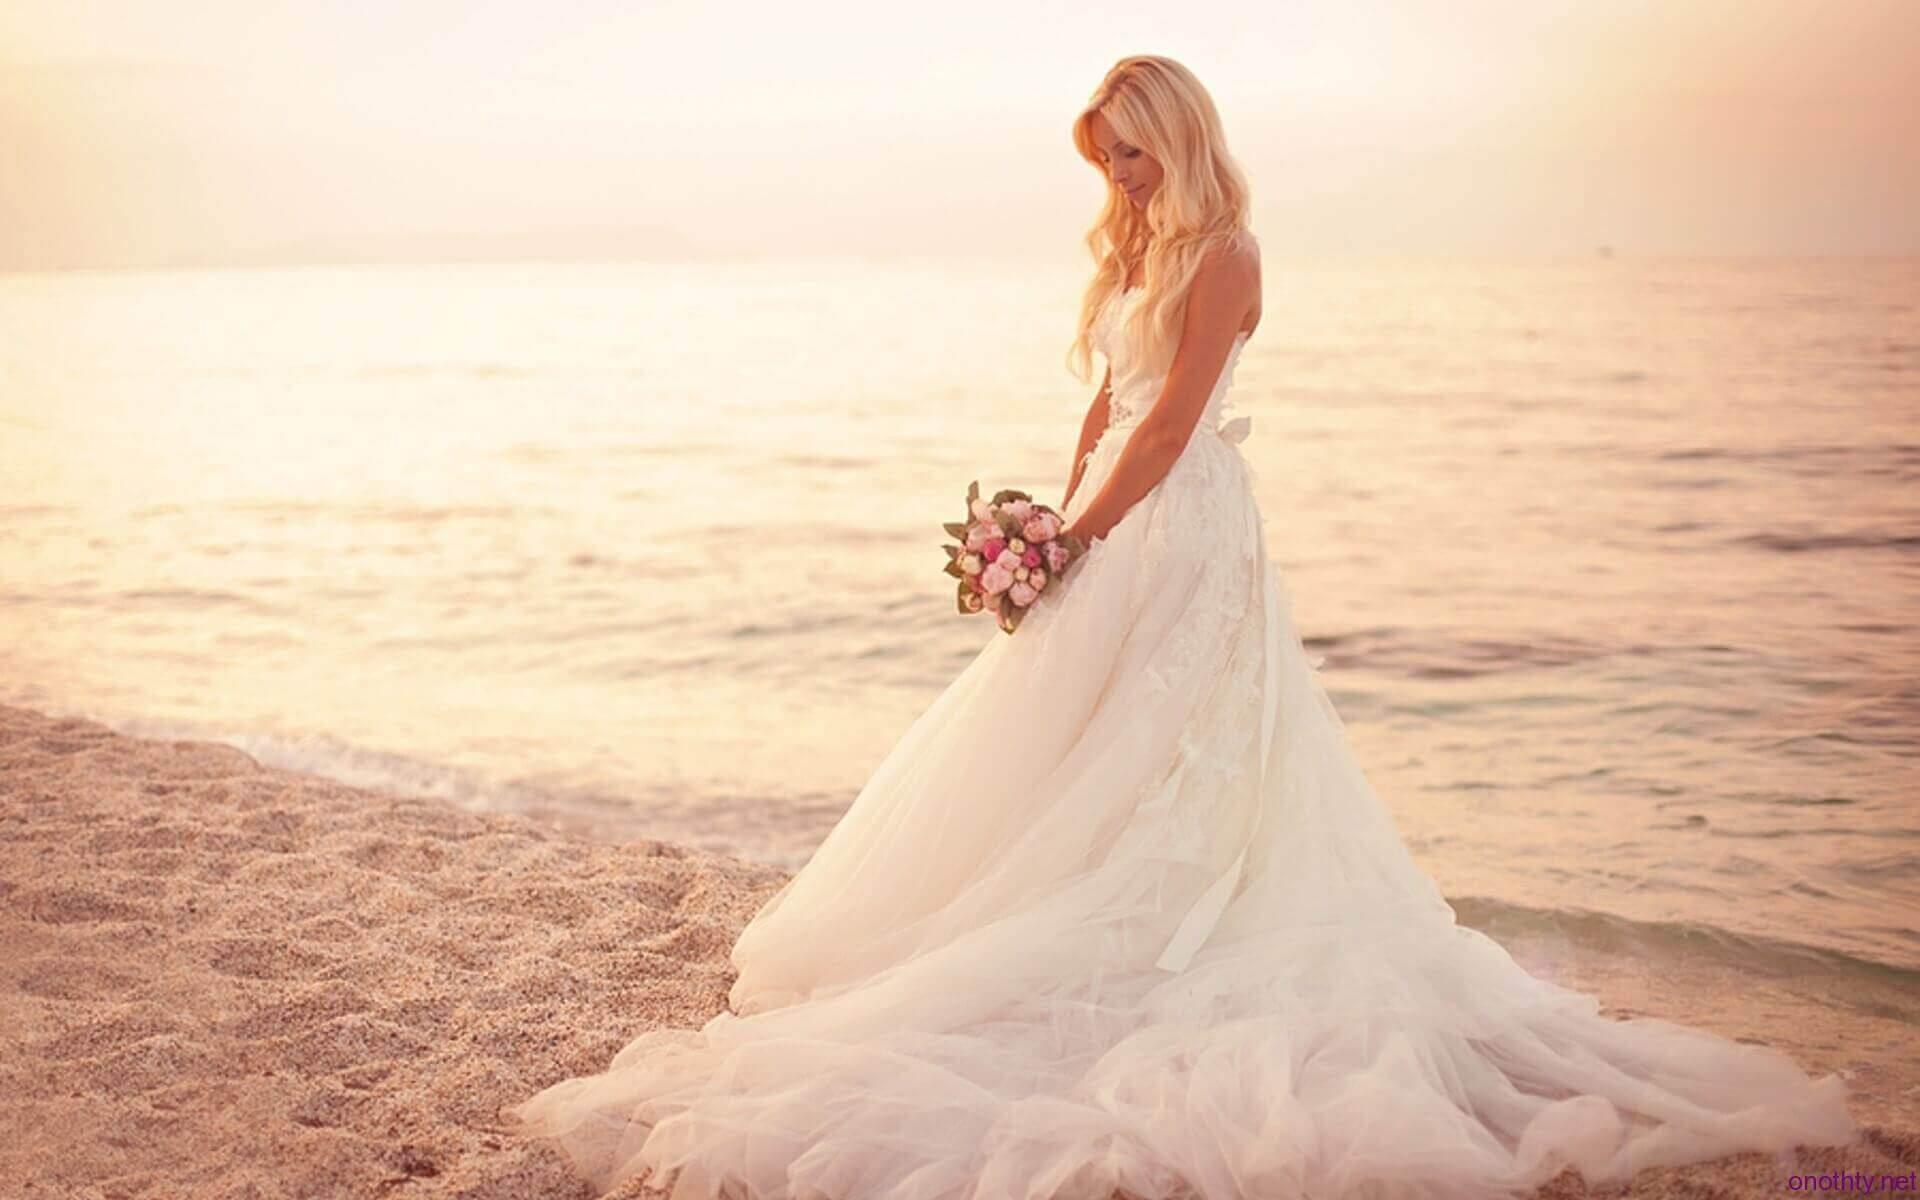 עיצוב חתונה פלאנרז הפקות אירועים